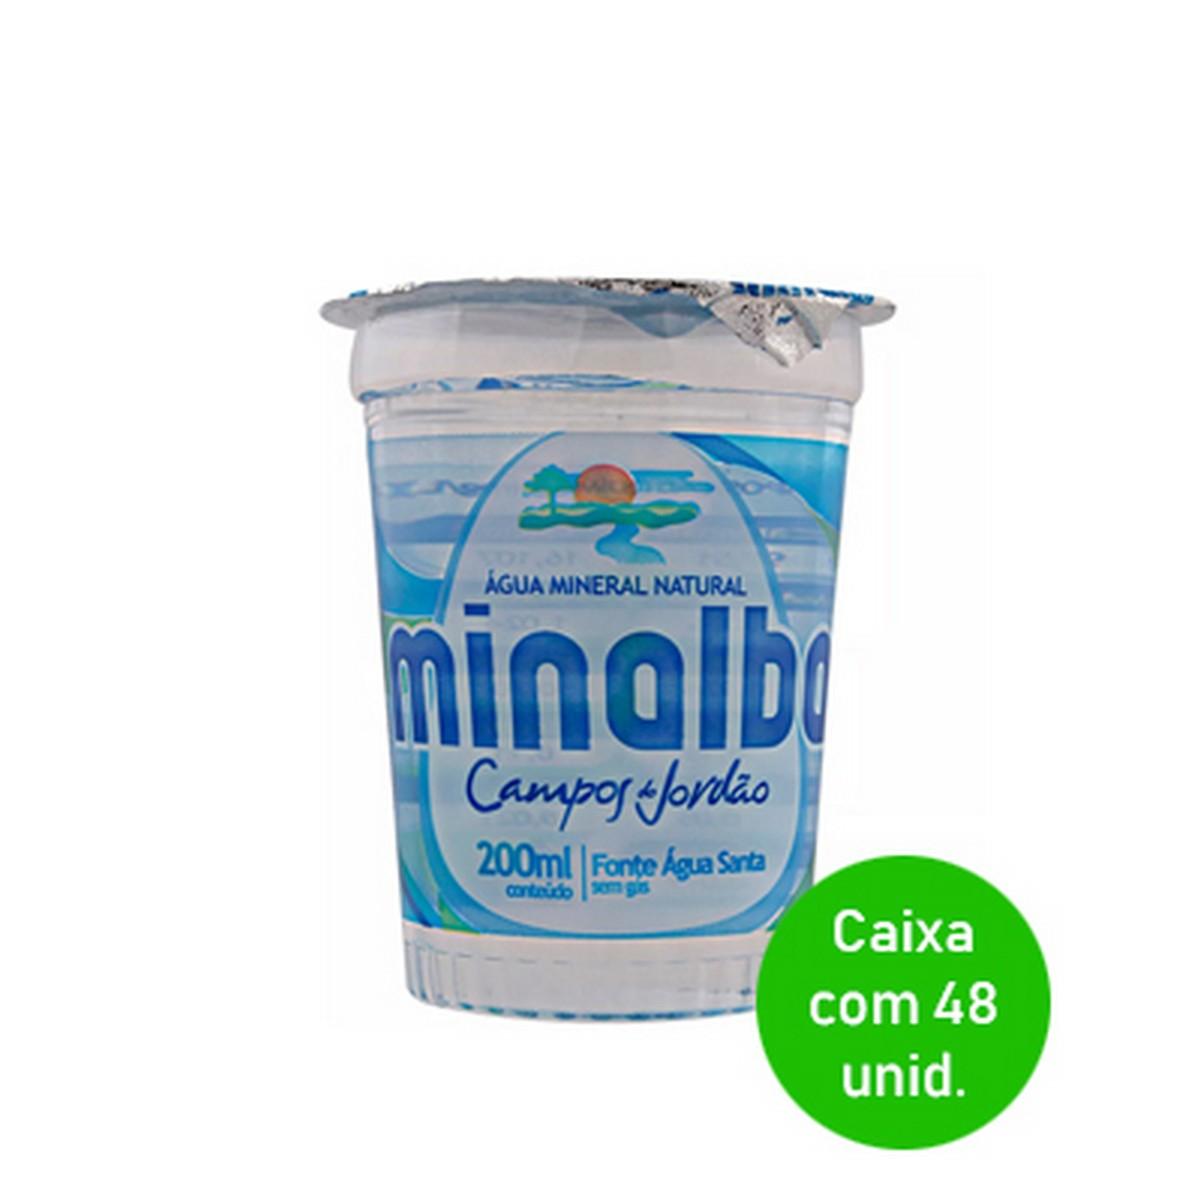 Comprar agua mineral no atacado